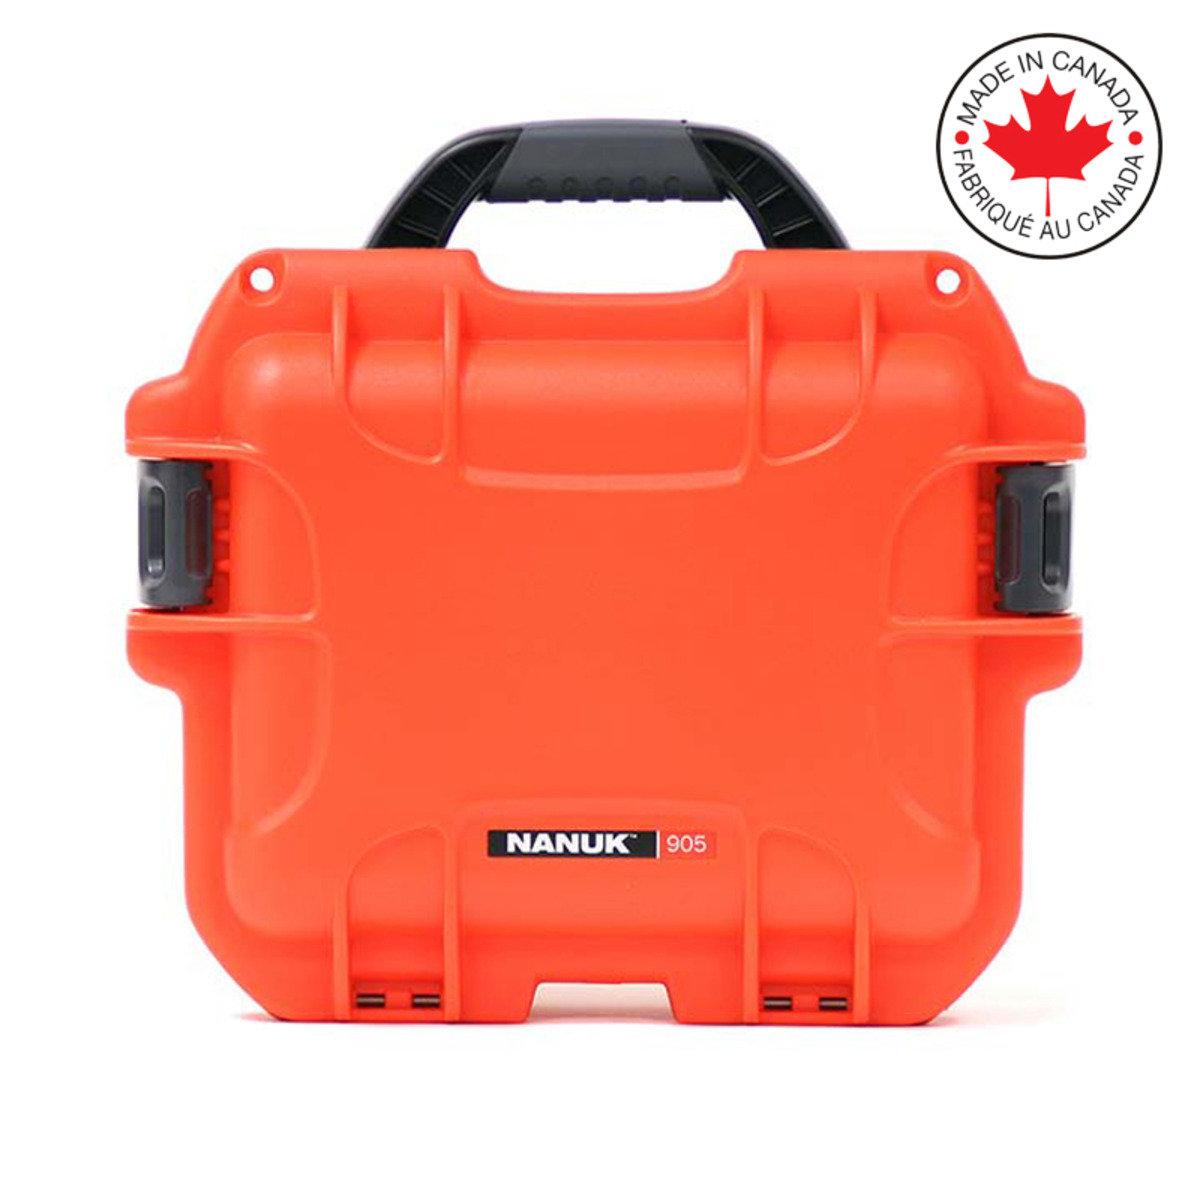 905 高級多用途三防保護箱連海綿-橙色(加拿大製造)